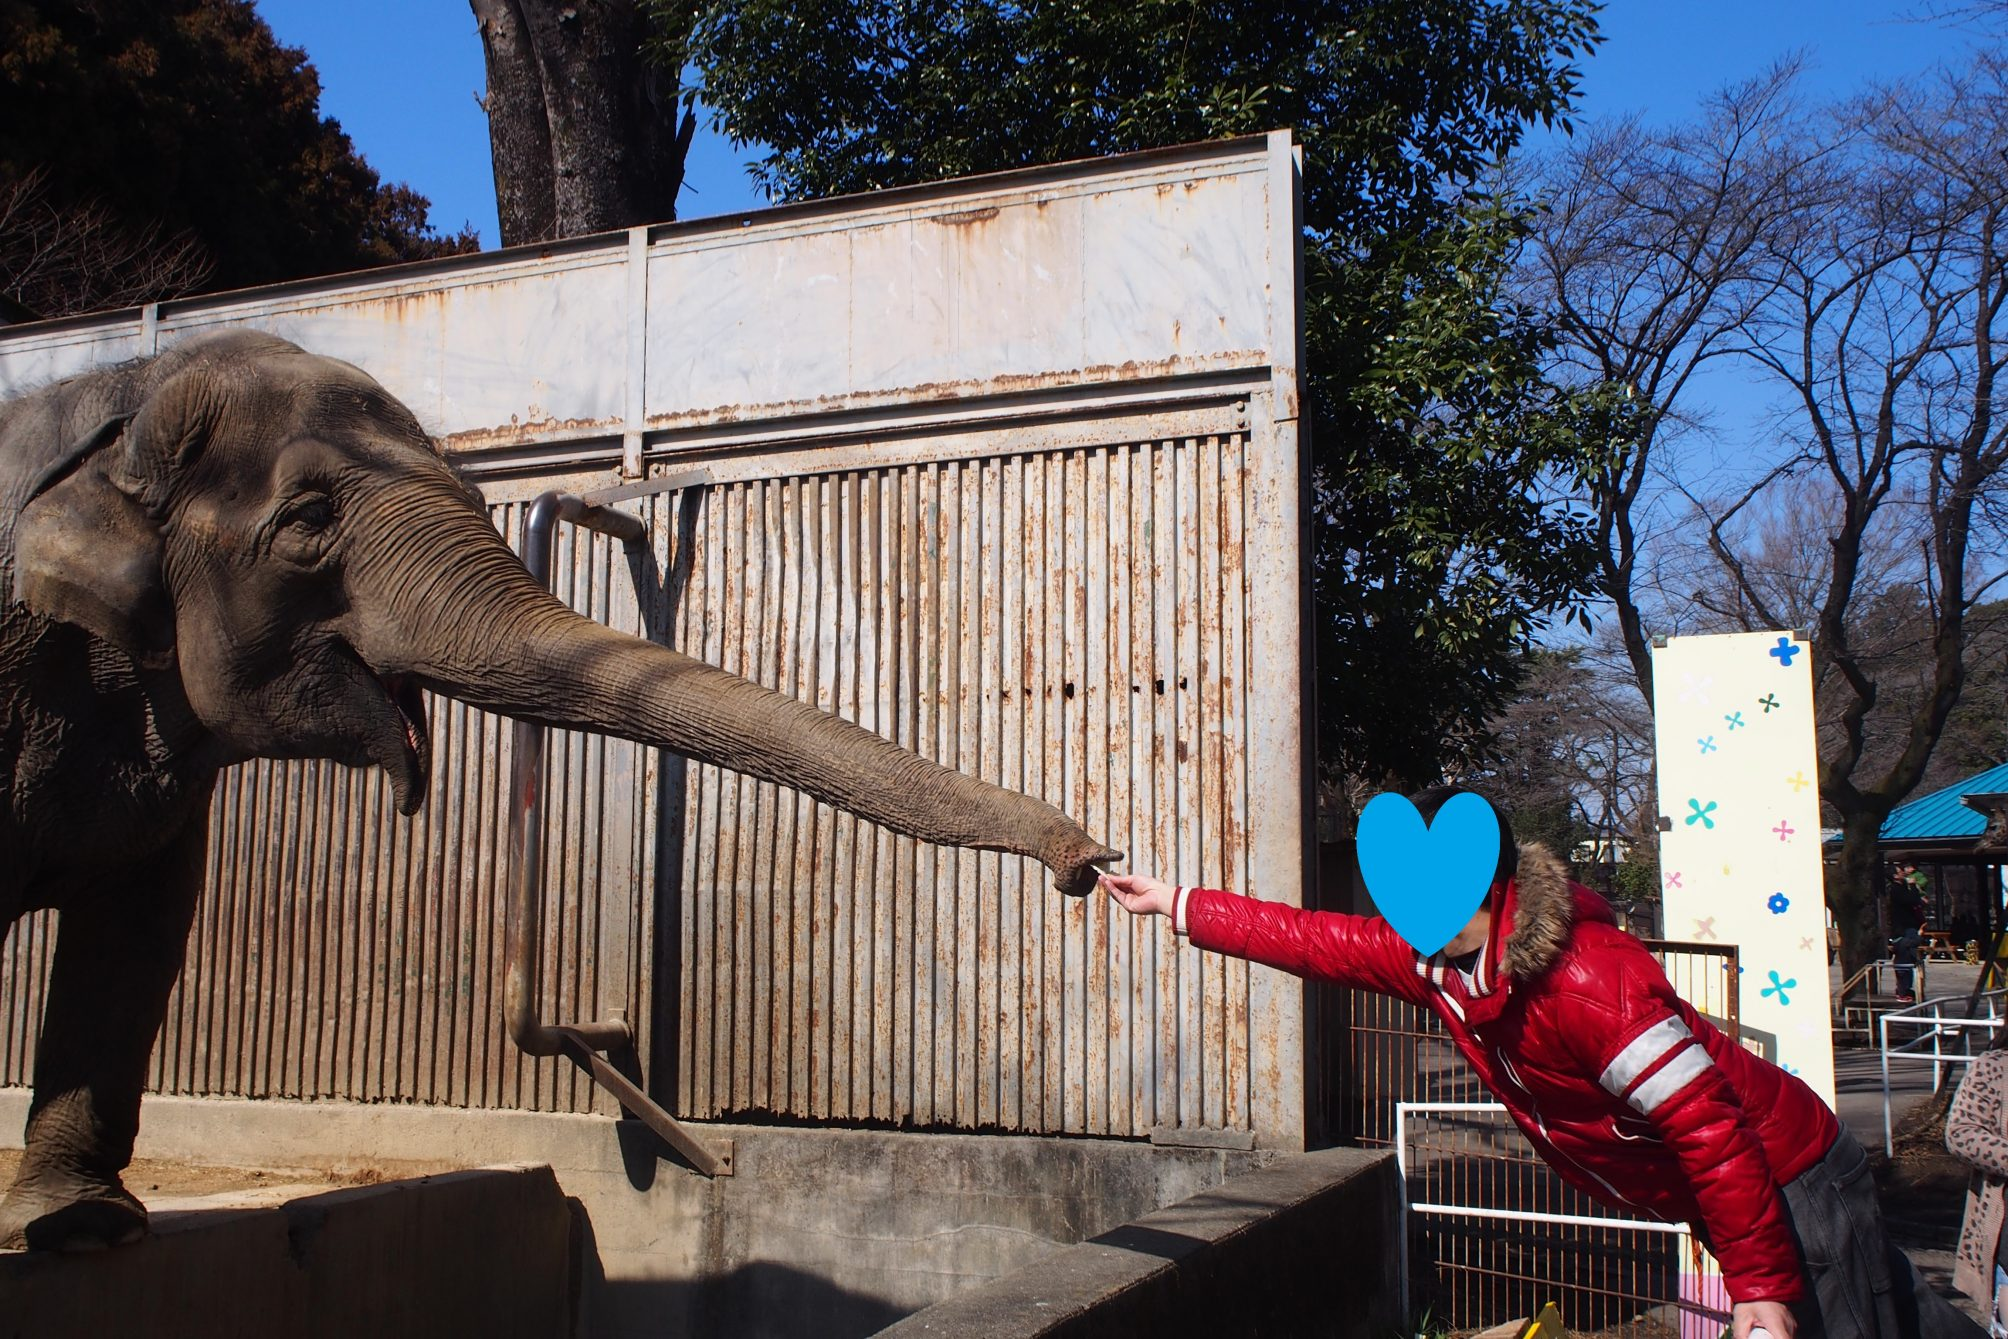 宇都宮動物園ゾウえさやり